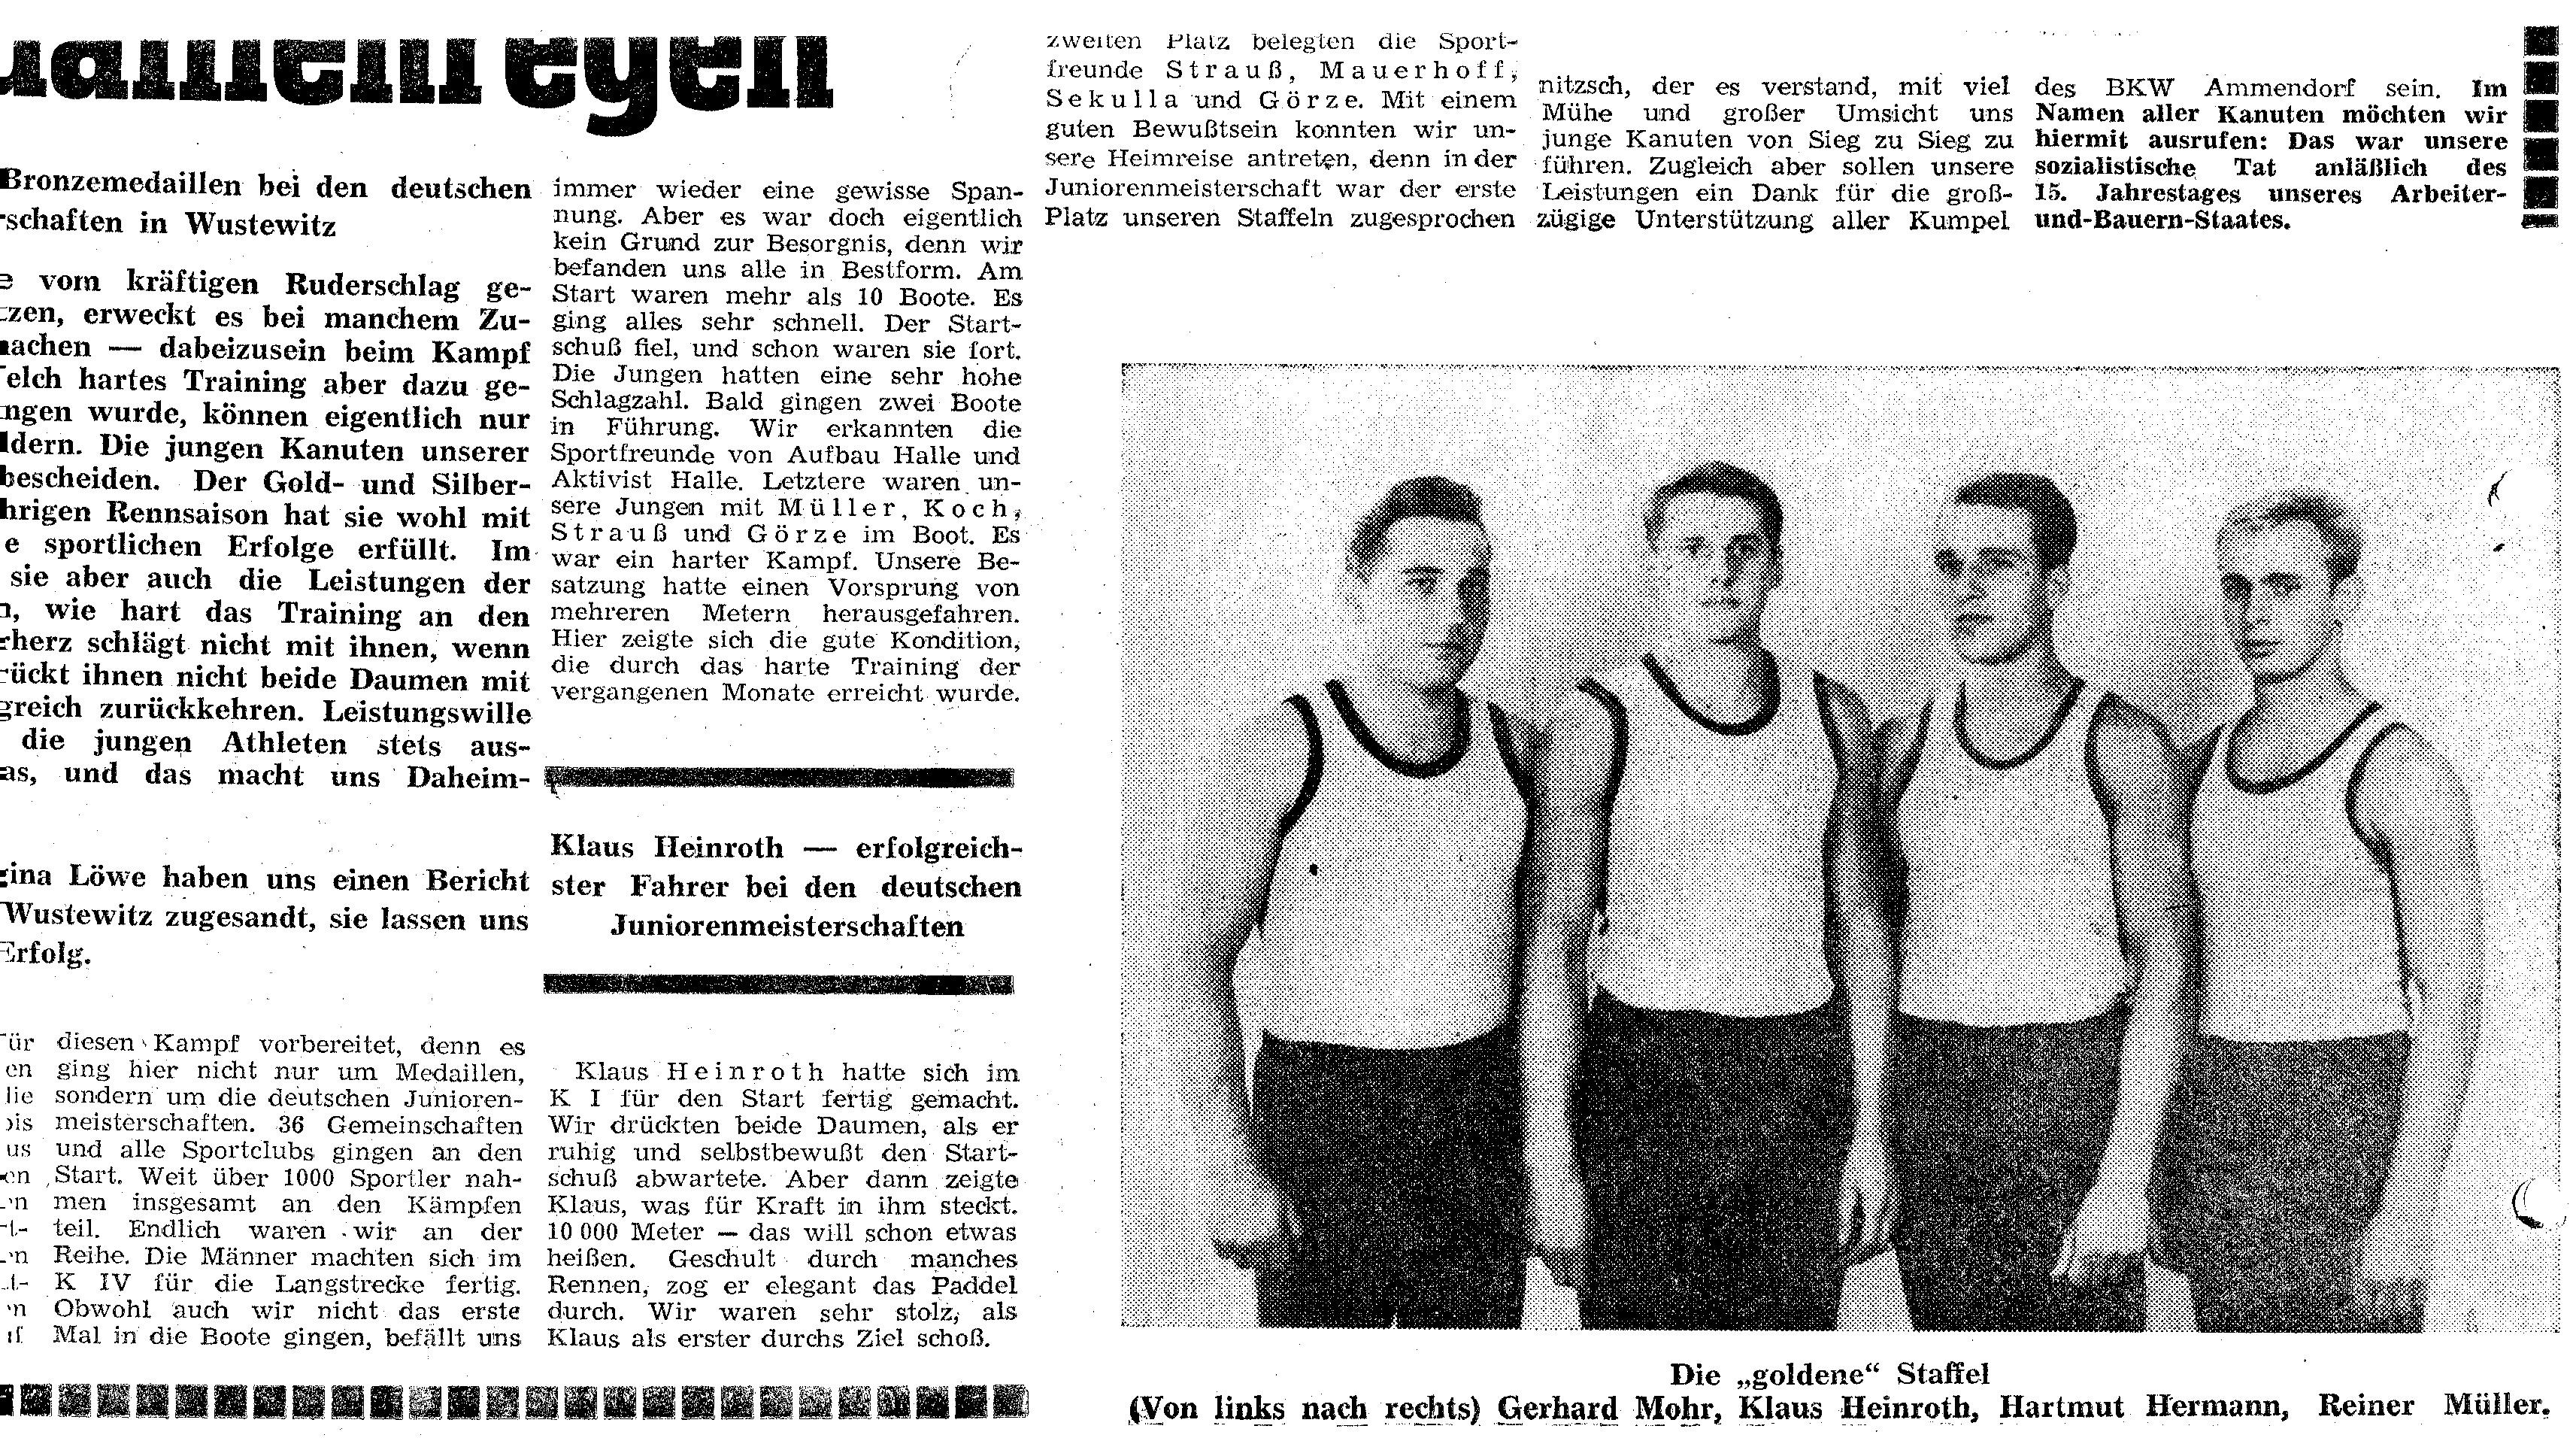 1964-08-16 JDM Wusterwitz- Ein Gold-und Silber-medaillenregen (1)